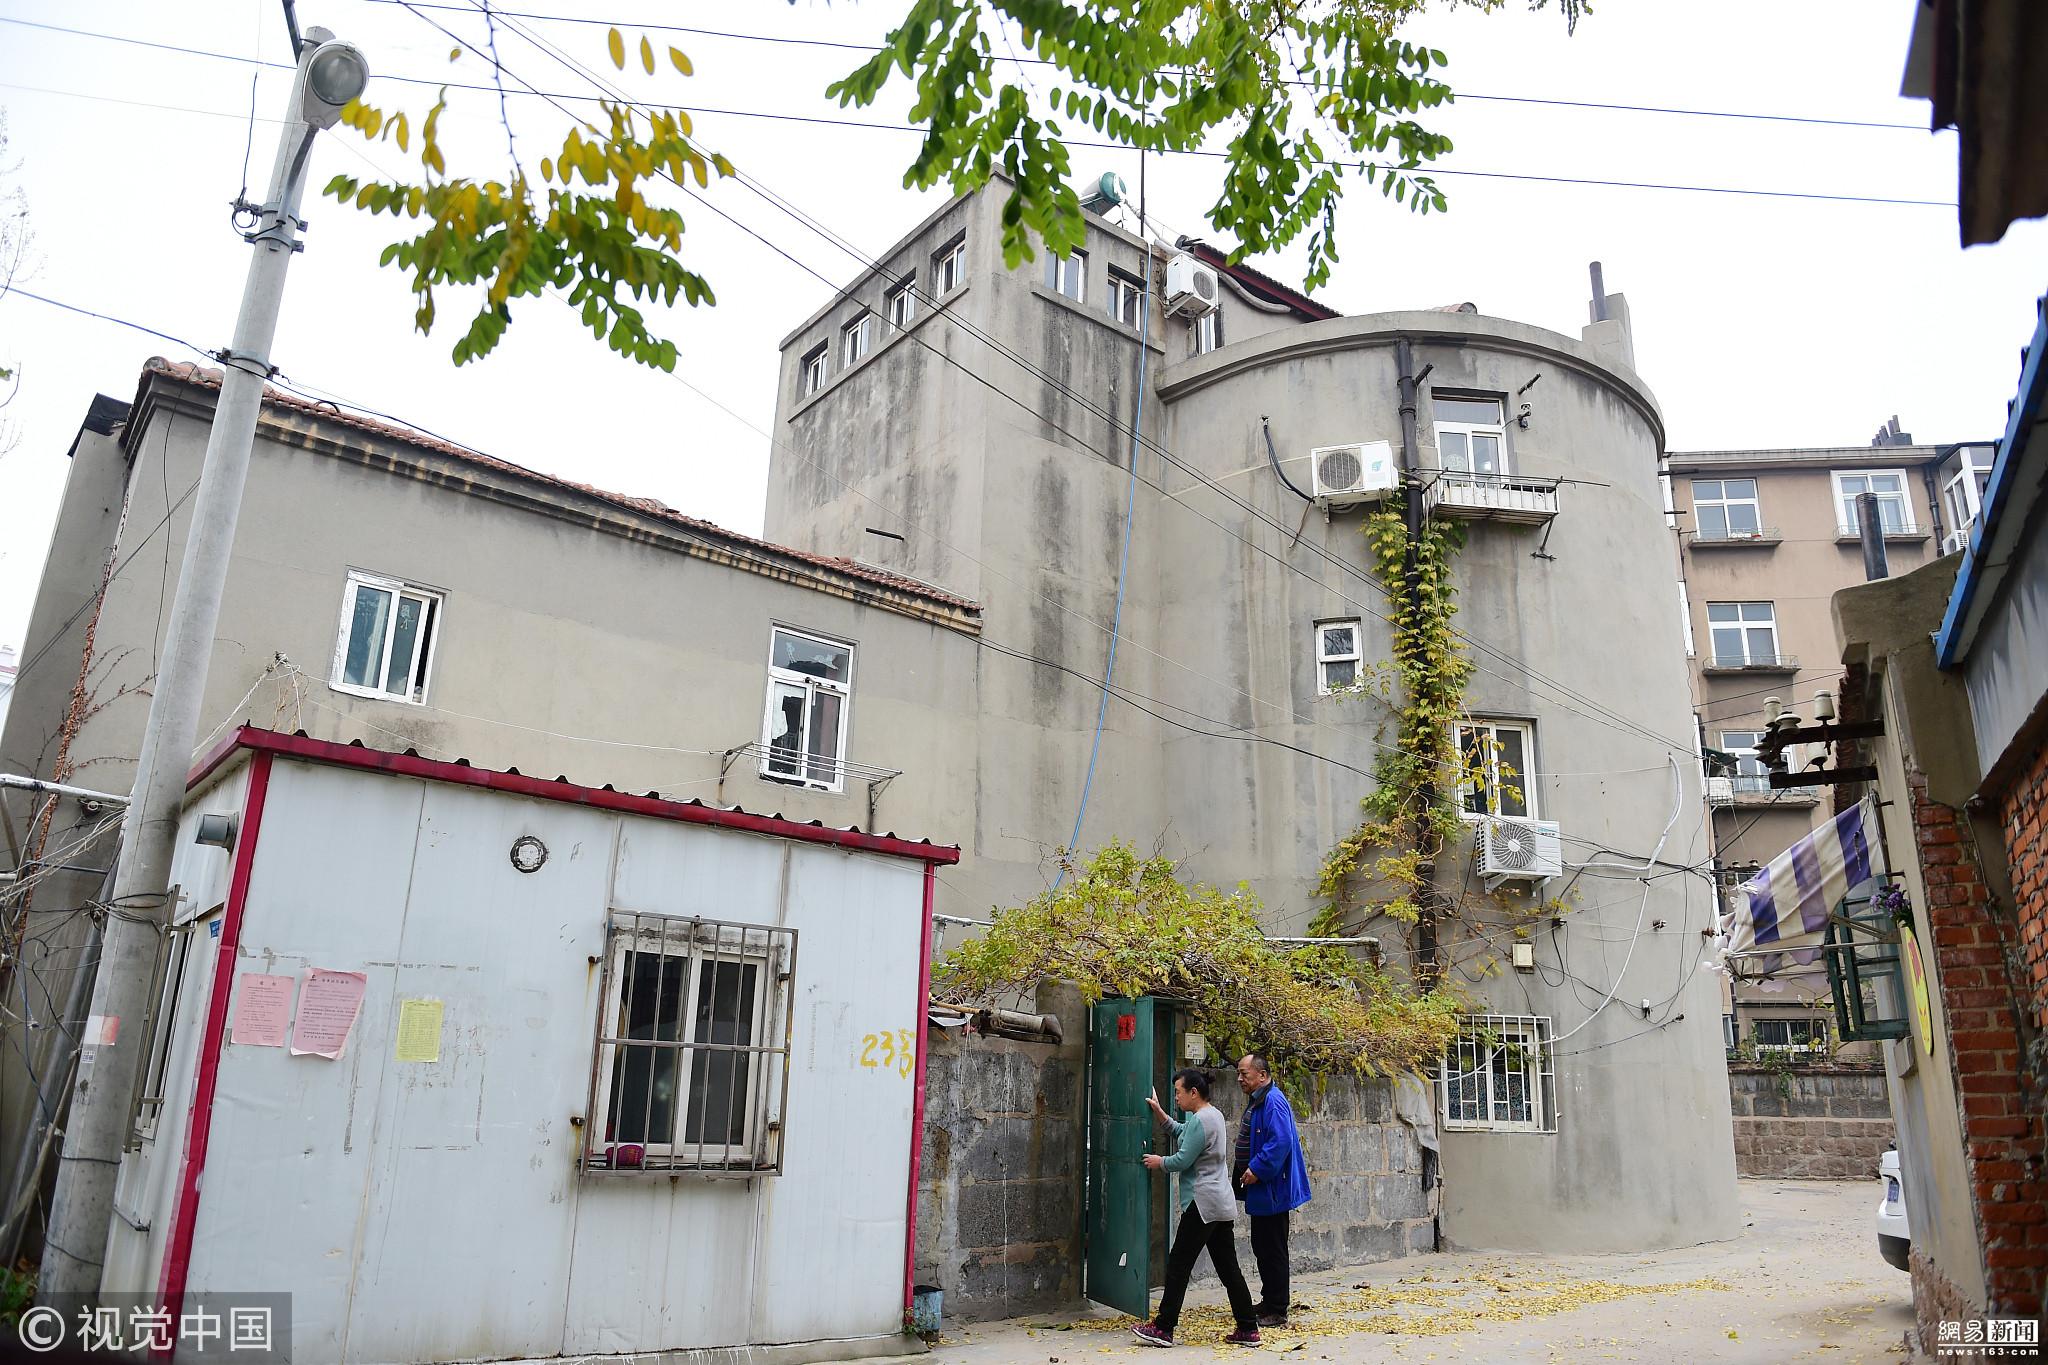 39号,有一座圆柱形的三层小楼,建筑四周随处可见大小不一的窗图片